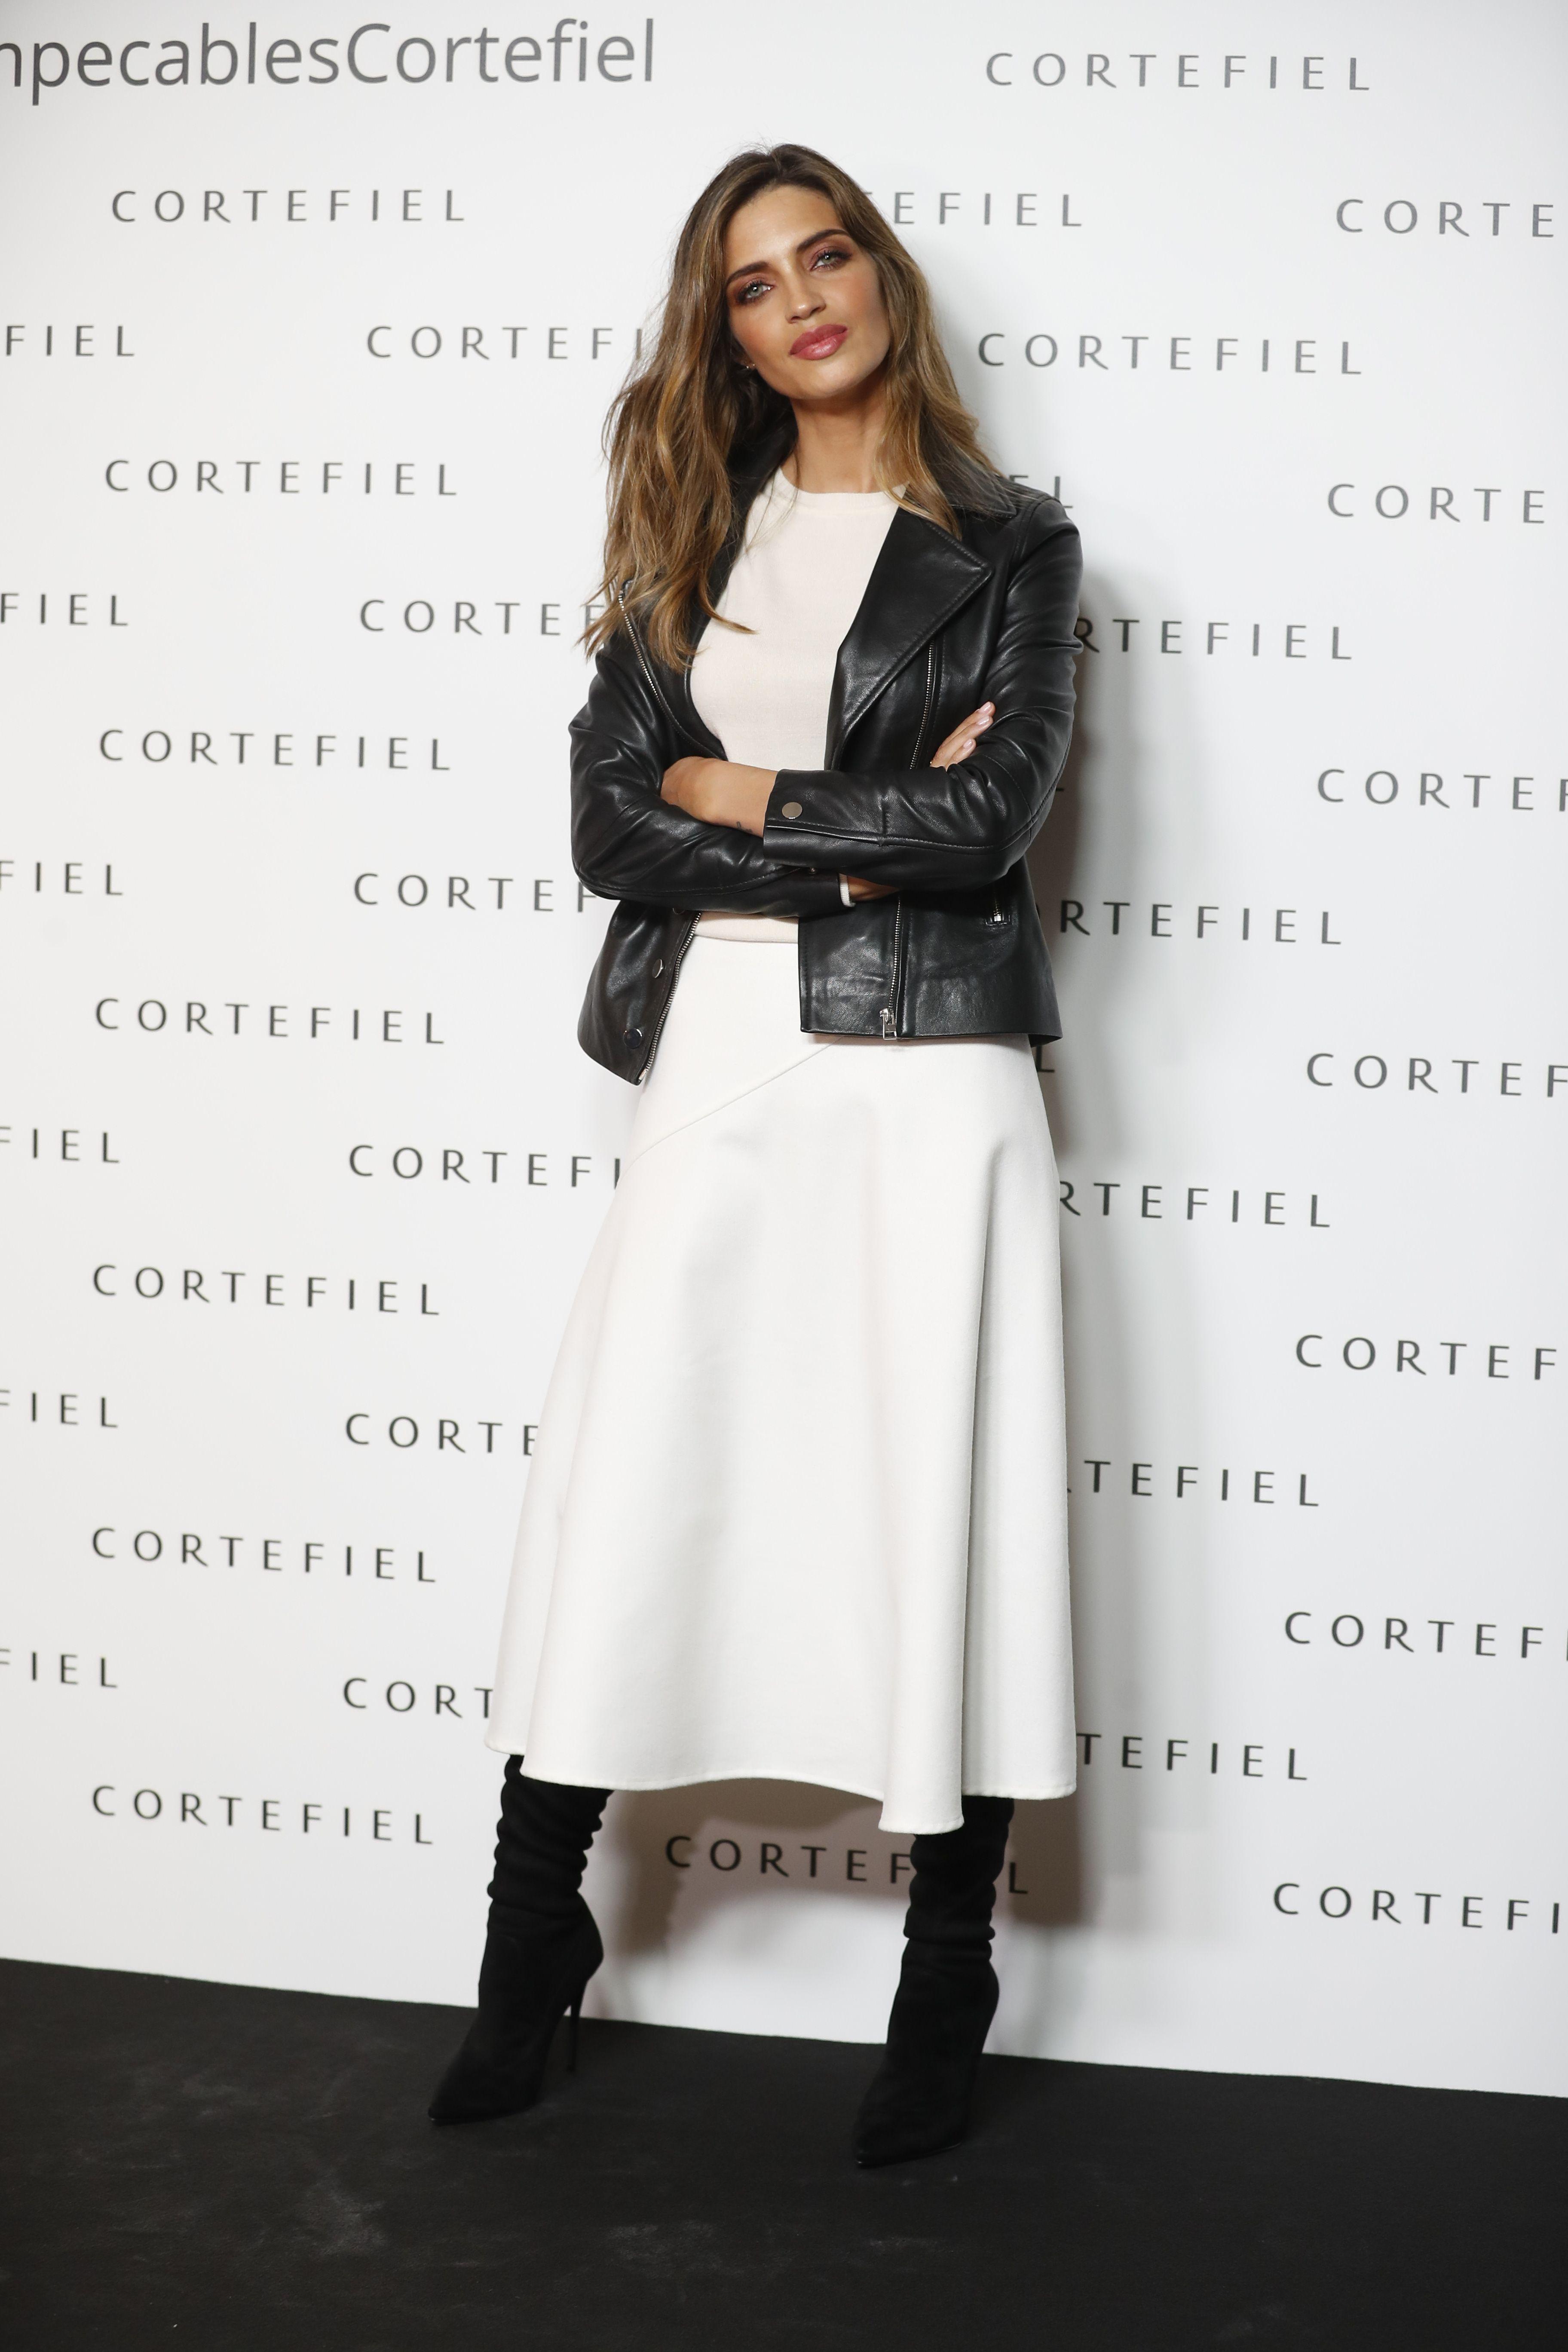 6ddd07606e Sara Carbonero con el look en blanco y negro que nunca falla de Cortefiel -  SaraCarbonero con falda midi de Cortefiel